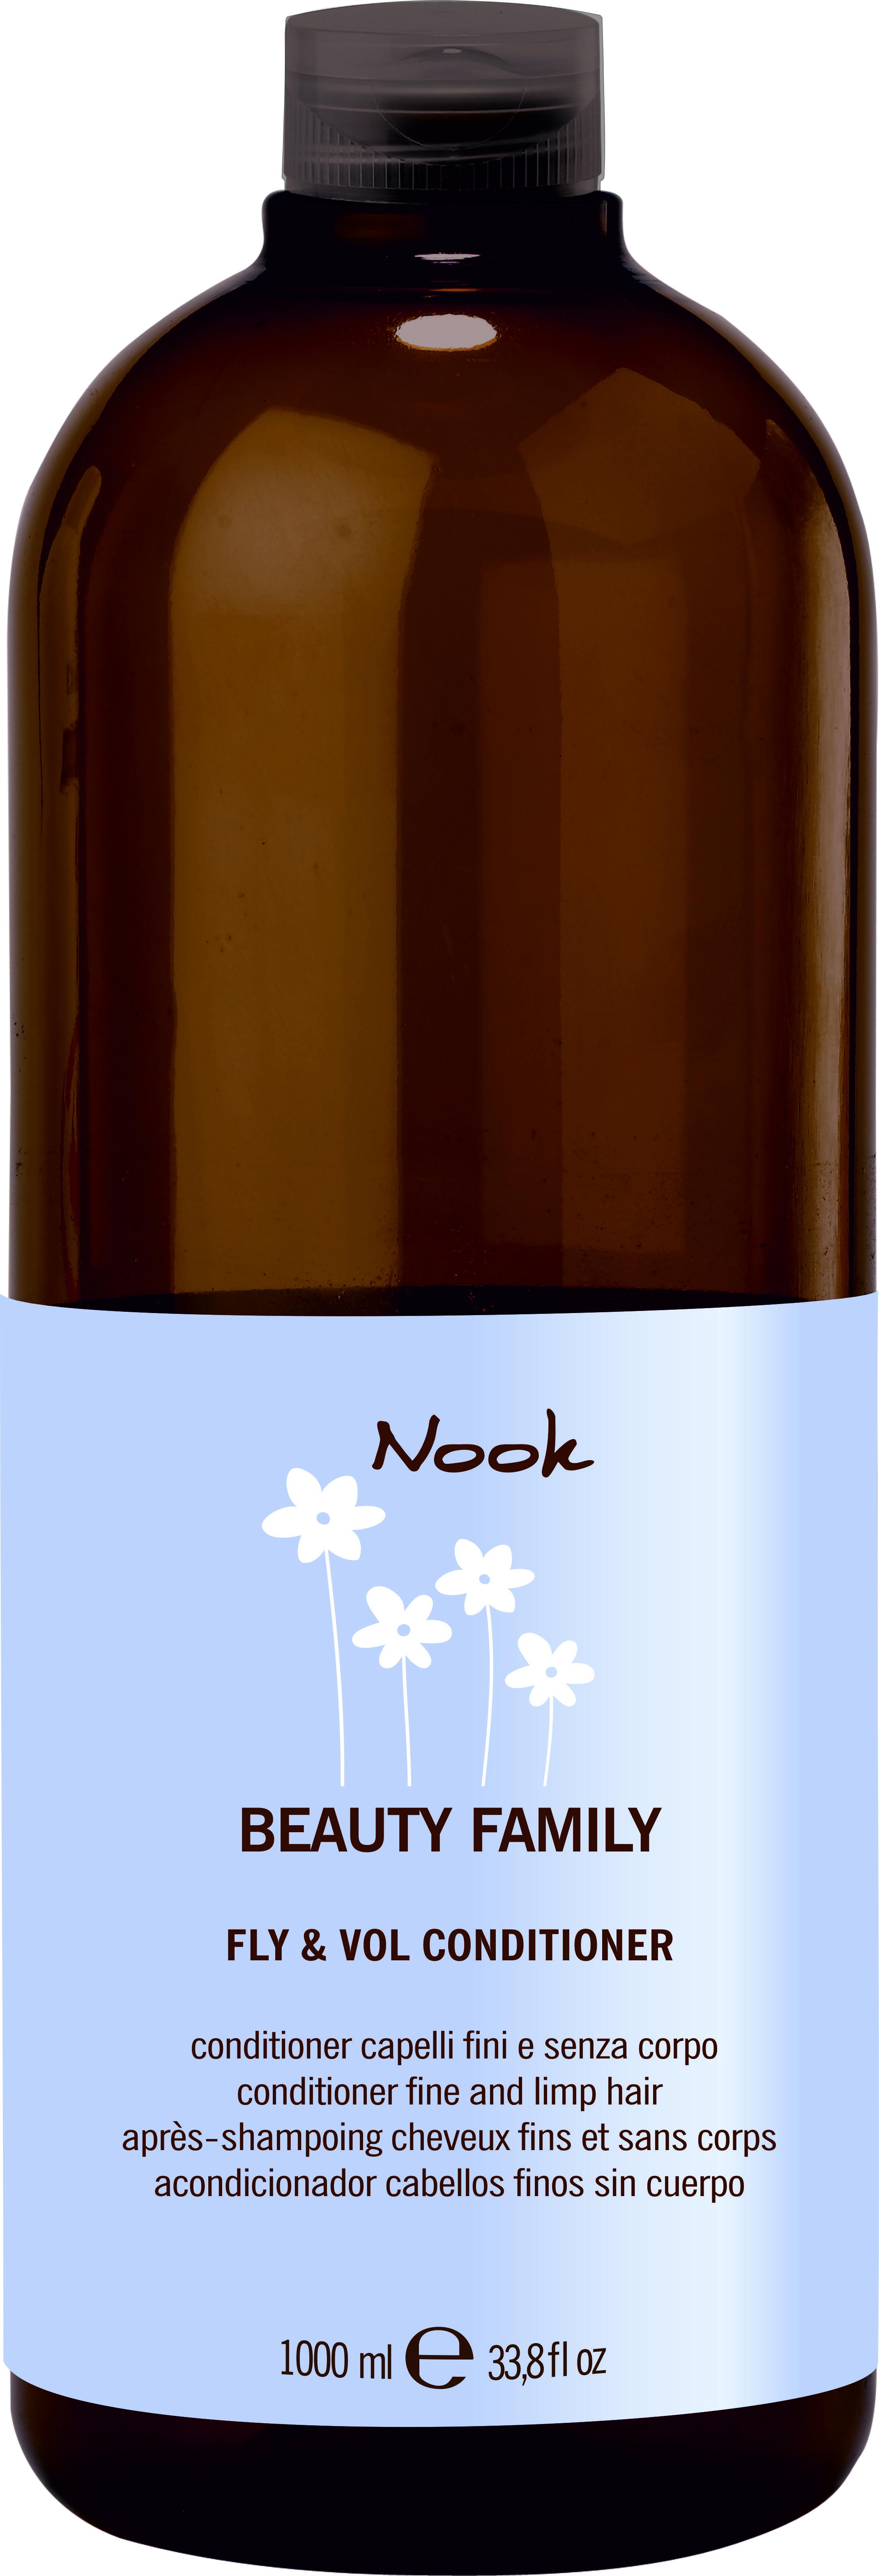 NOOK Кондиционер для тонких и слабых волос Ph 5,0 / Fly  Vol Conditioner BEAUTY FAMILY 1000мл